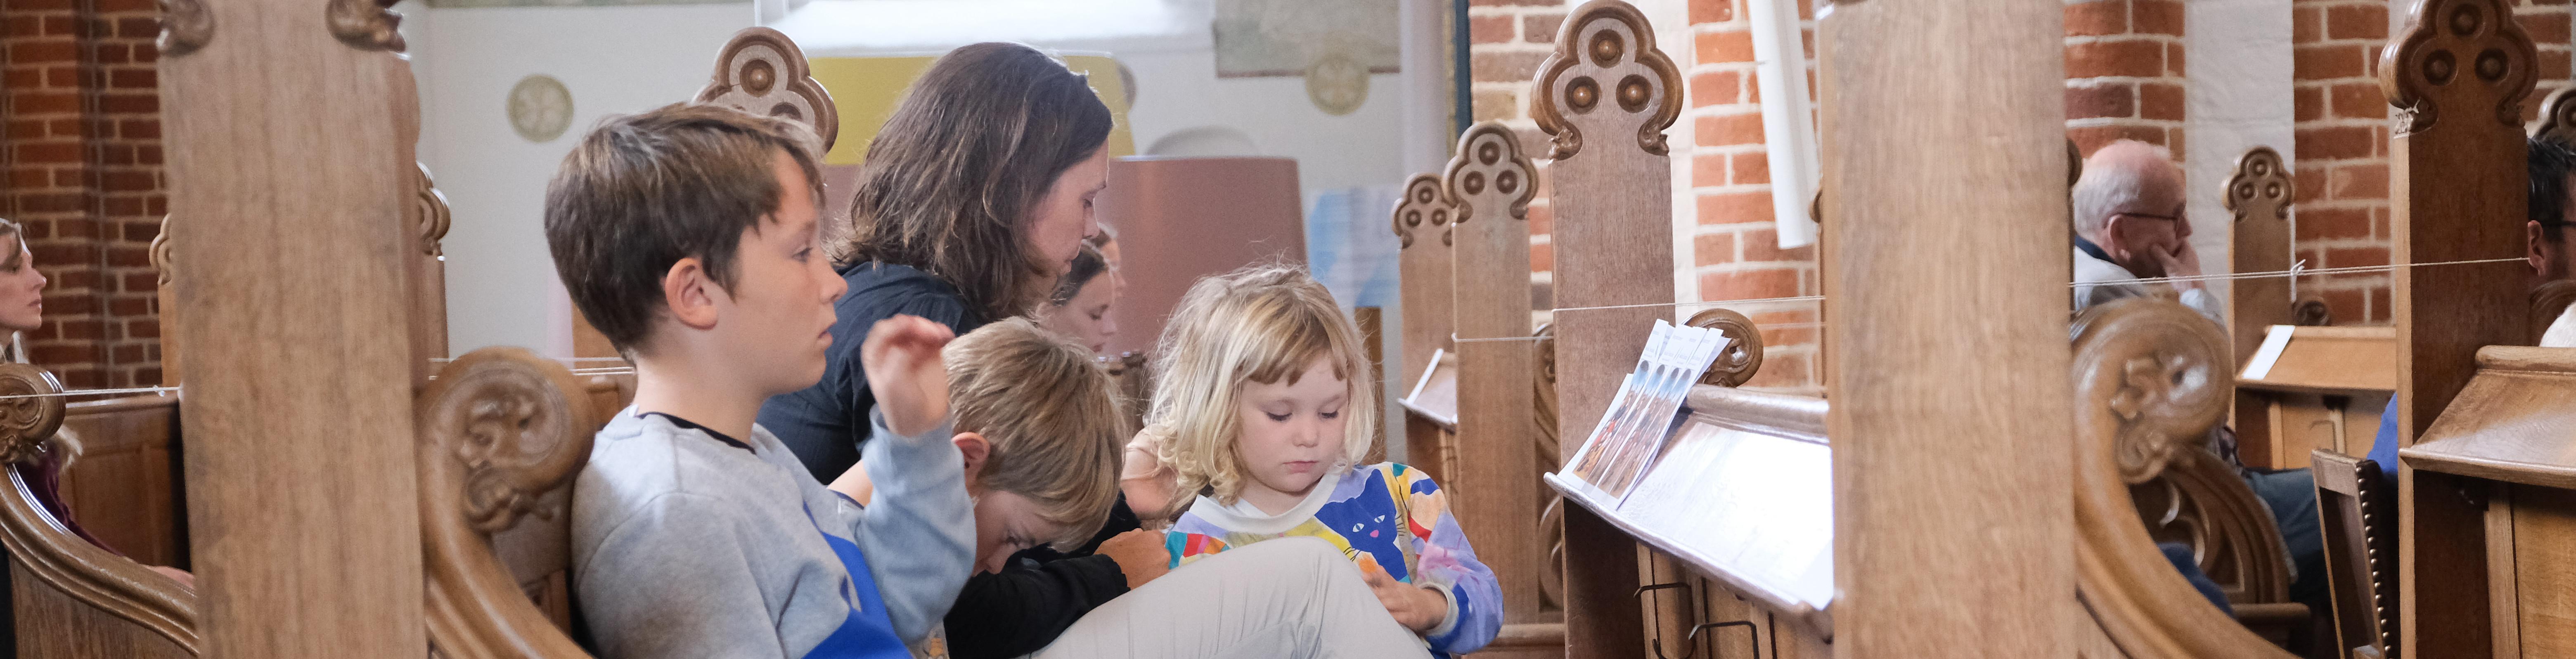 Billede af familie på kirkebænk i Domkirken